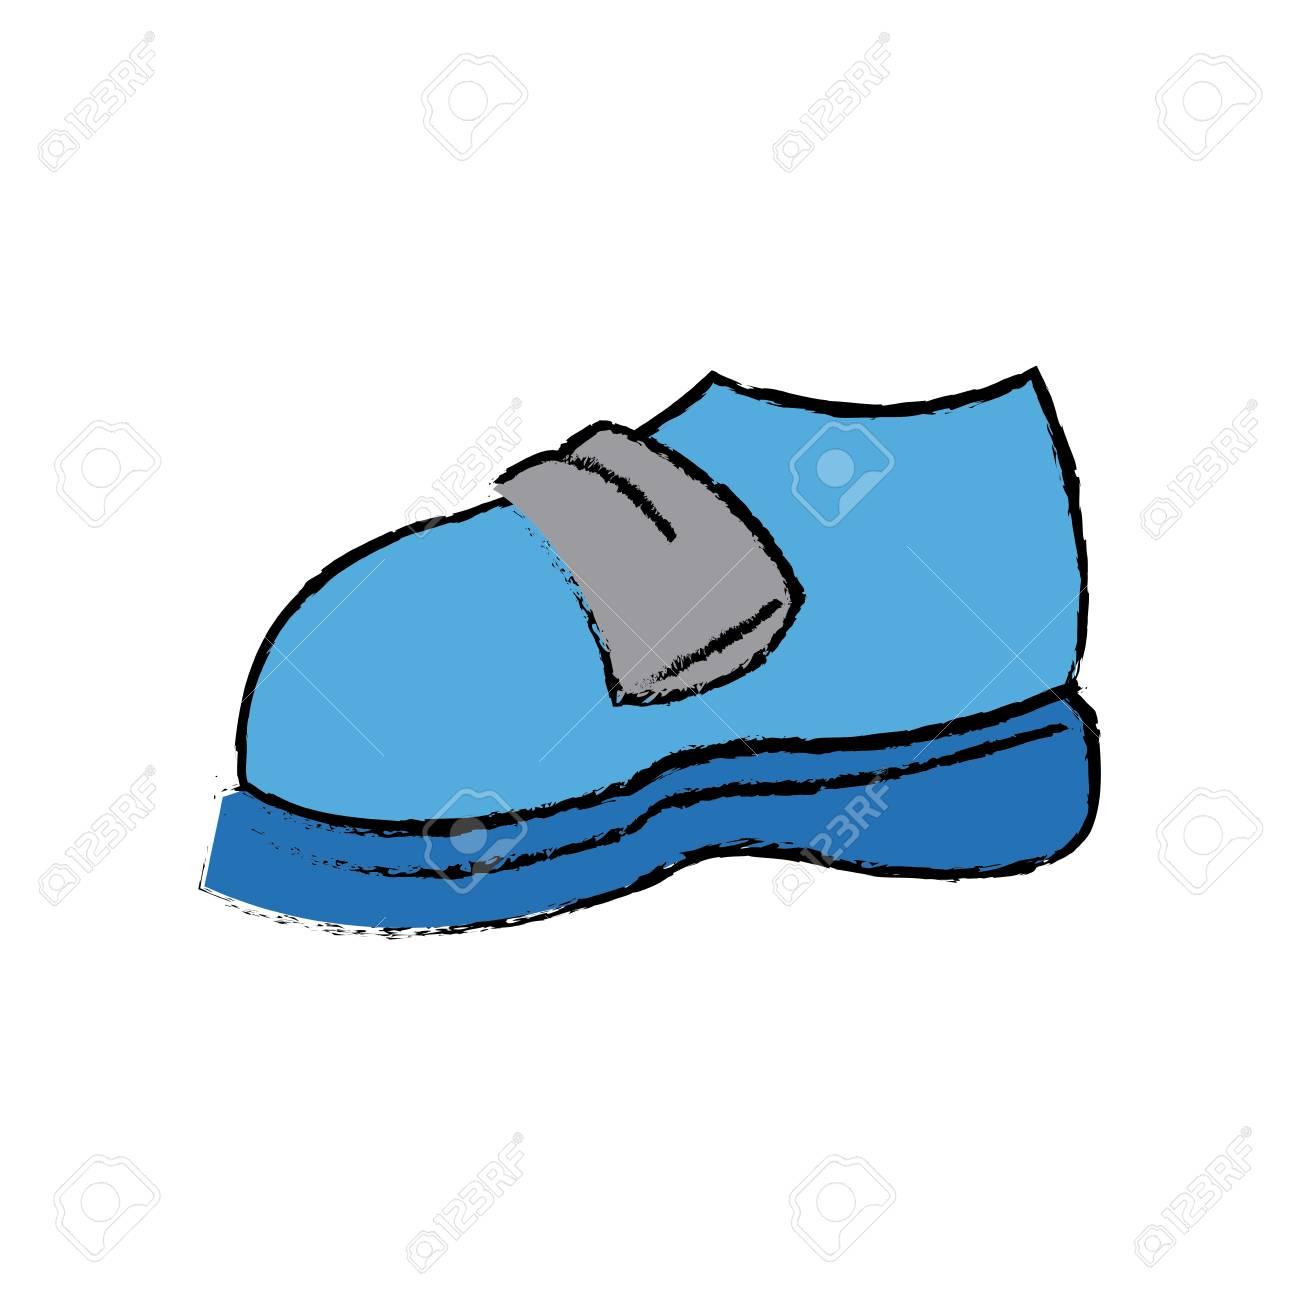 Azul Deportivas Animados Ilustración Vector Dibujos Deporte Zapatillas De uTF1J3clK